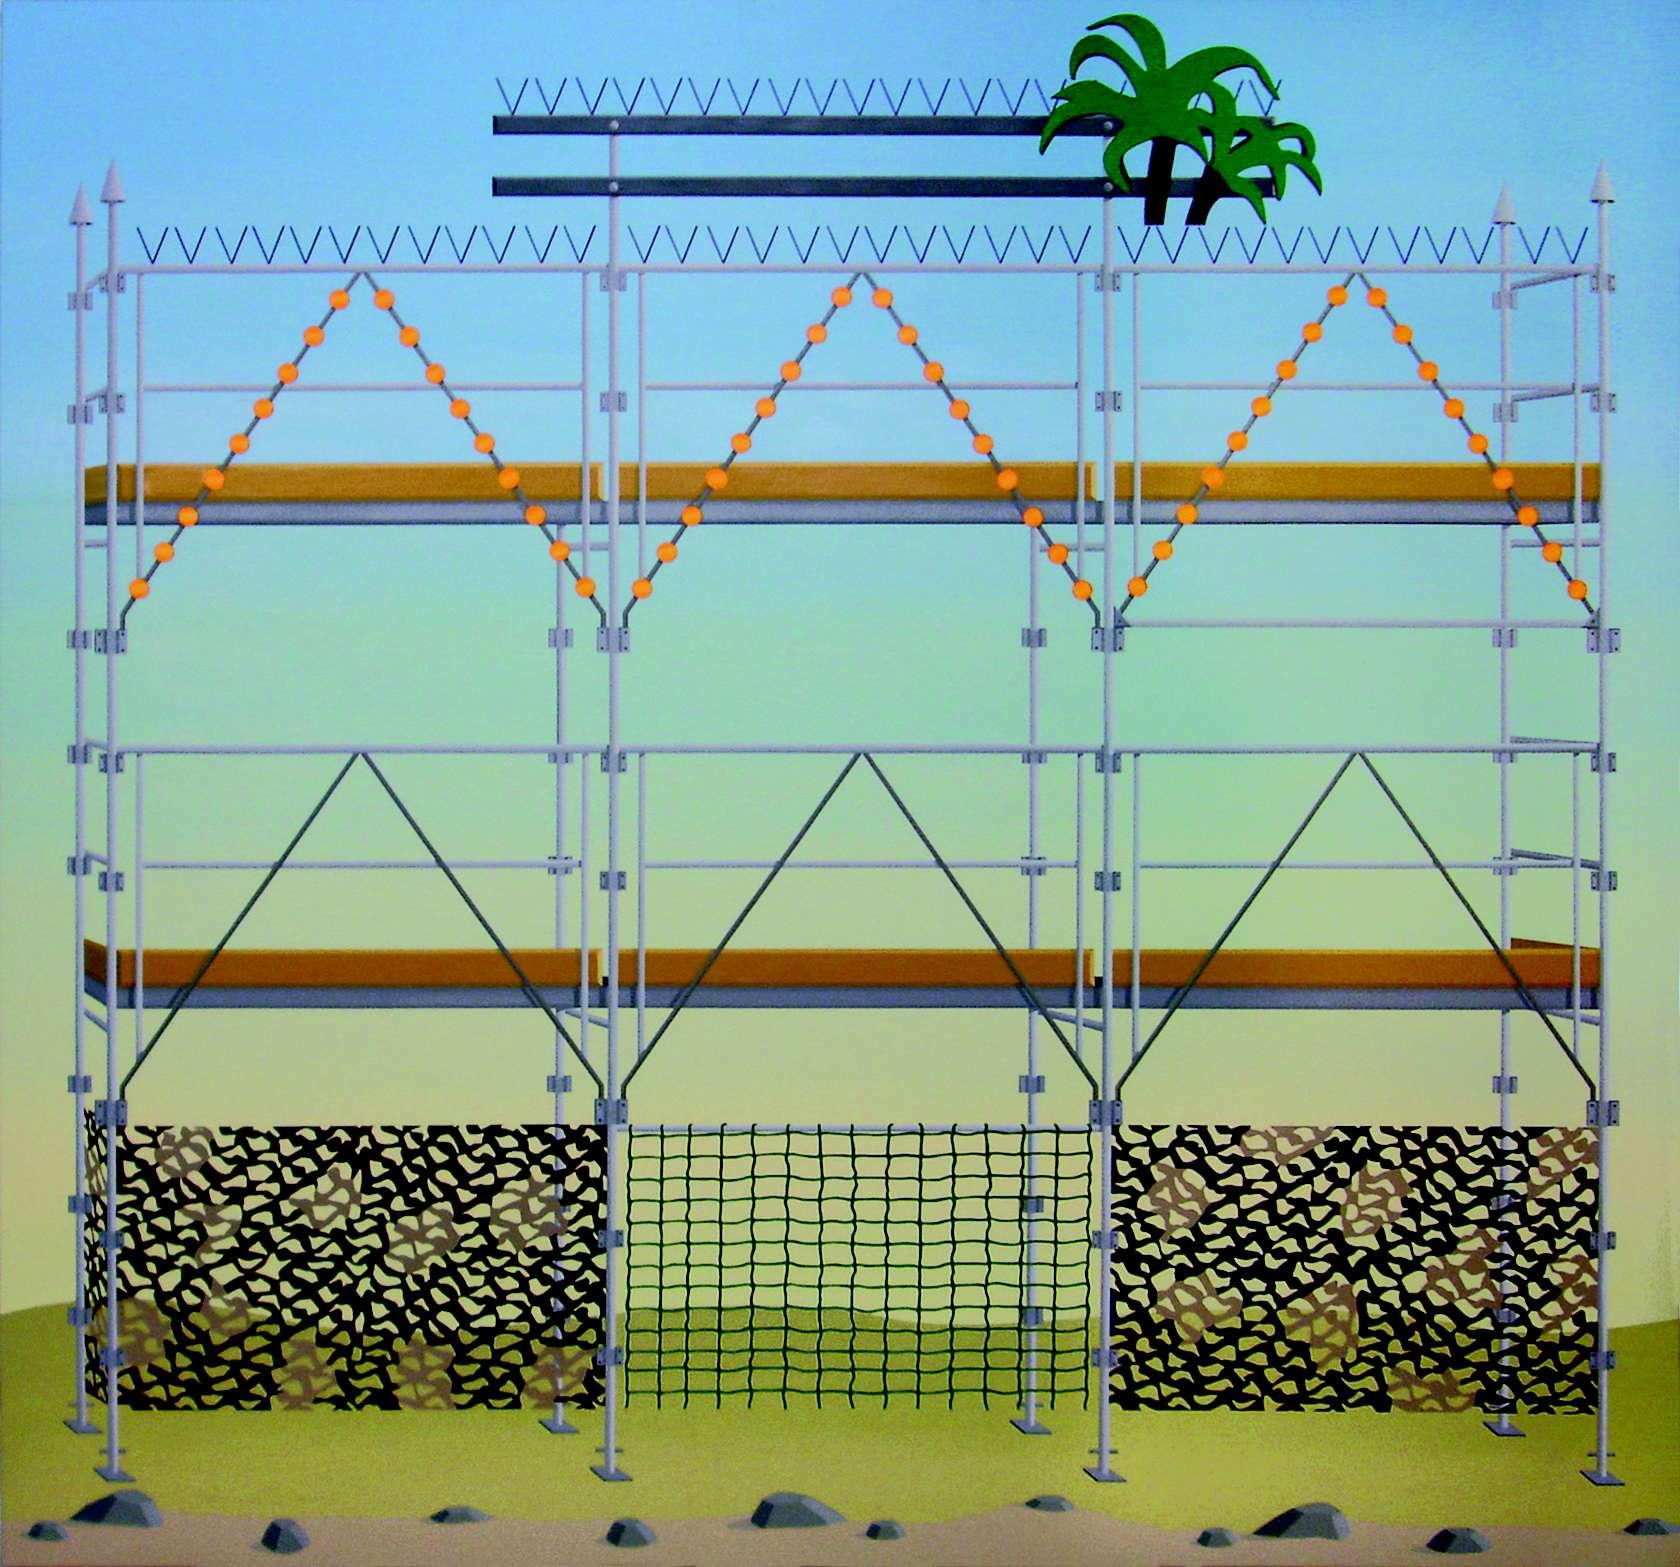 Amélie Bertrand, Sans titre, 2010 Huile sur toile180 x 190cm / 70 7/8 x 74 6/8inches